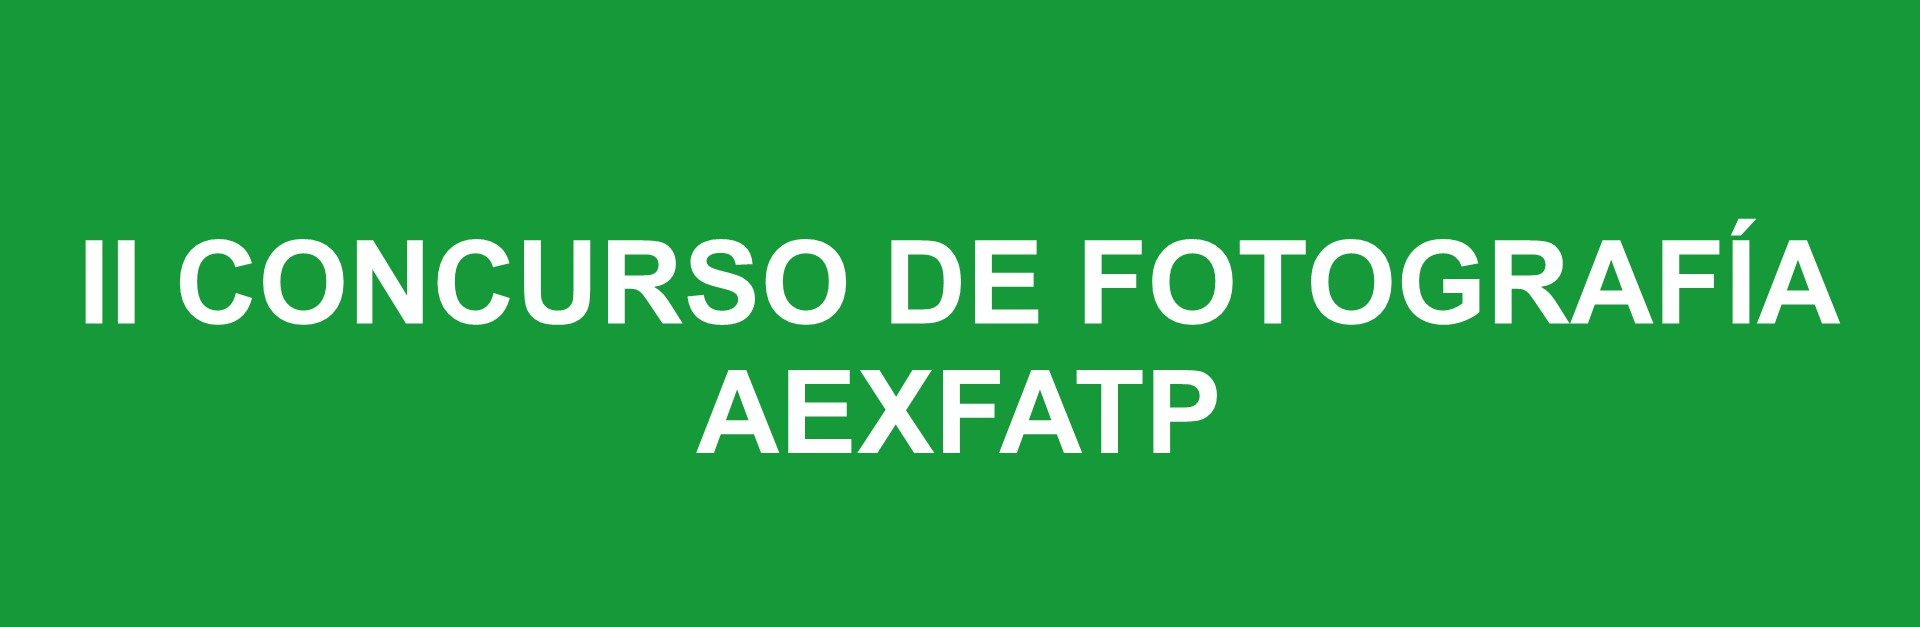 AEXFATP-2